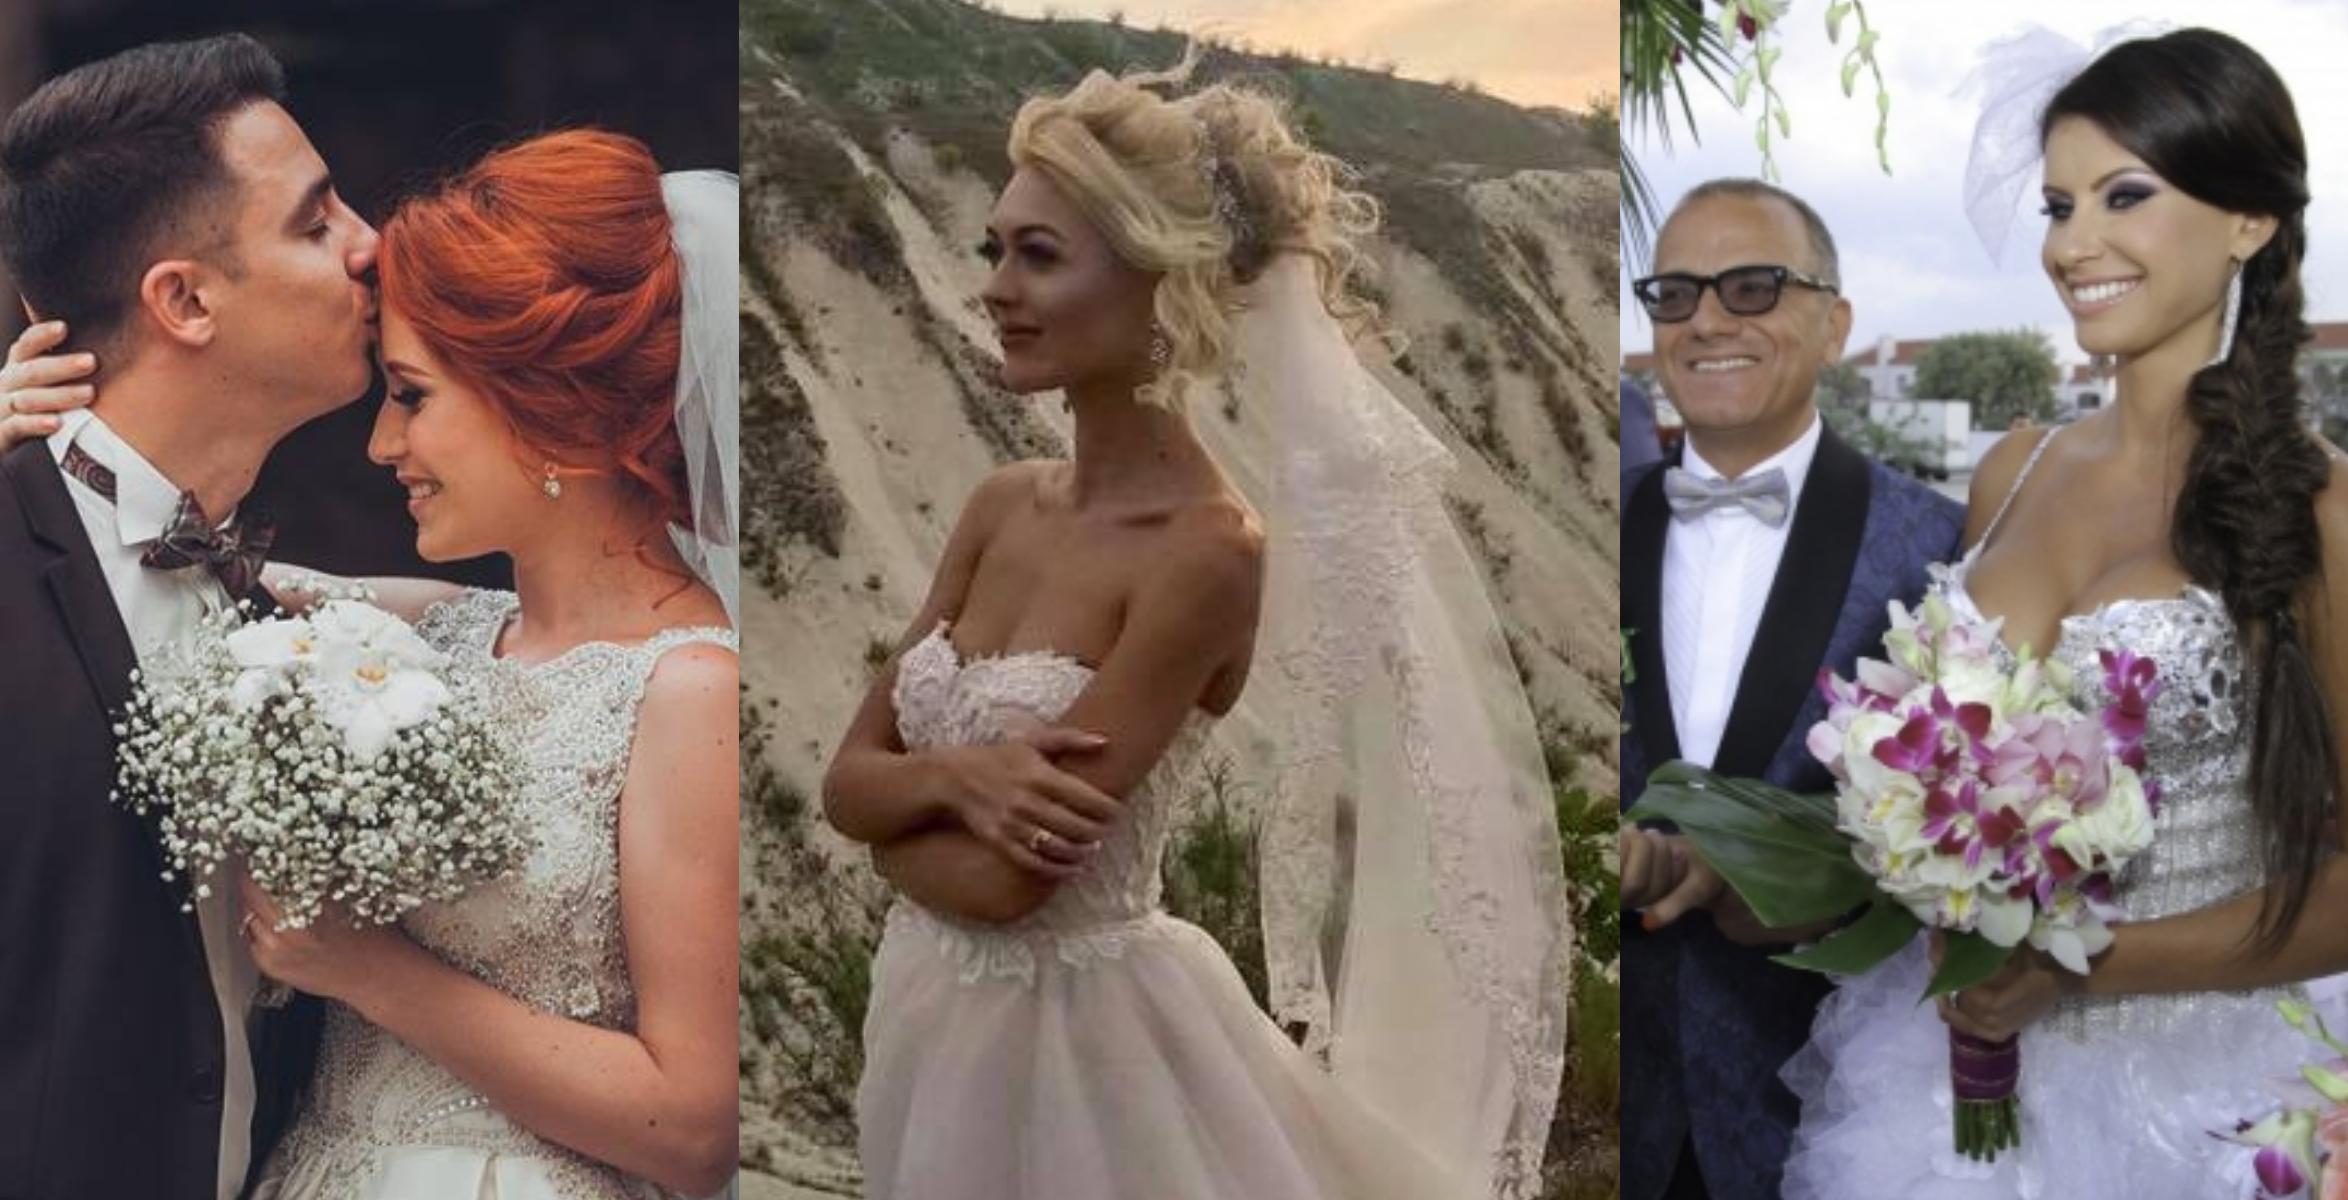 Nuntă de vedetă | Uite cum arătau 5 cântărețe de la noi în cea mai importantă zi din viață